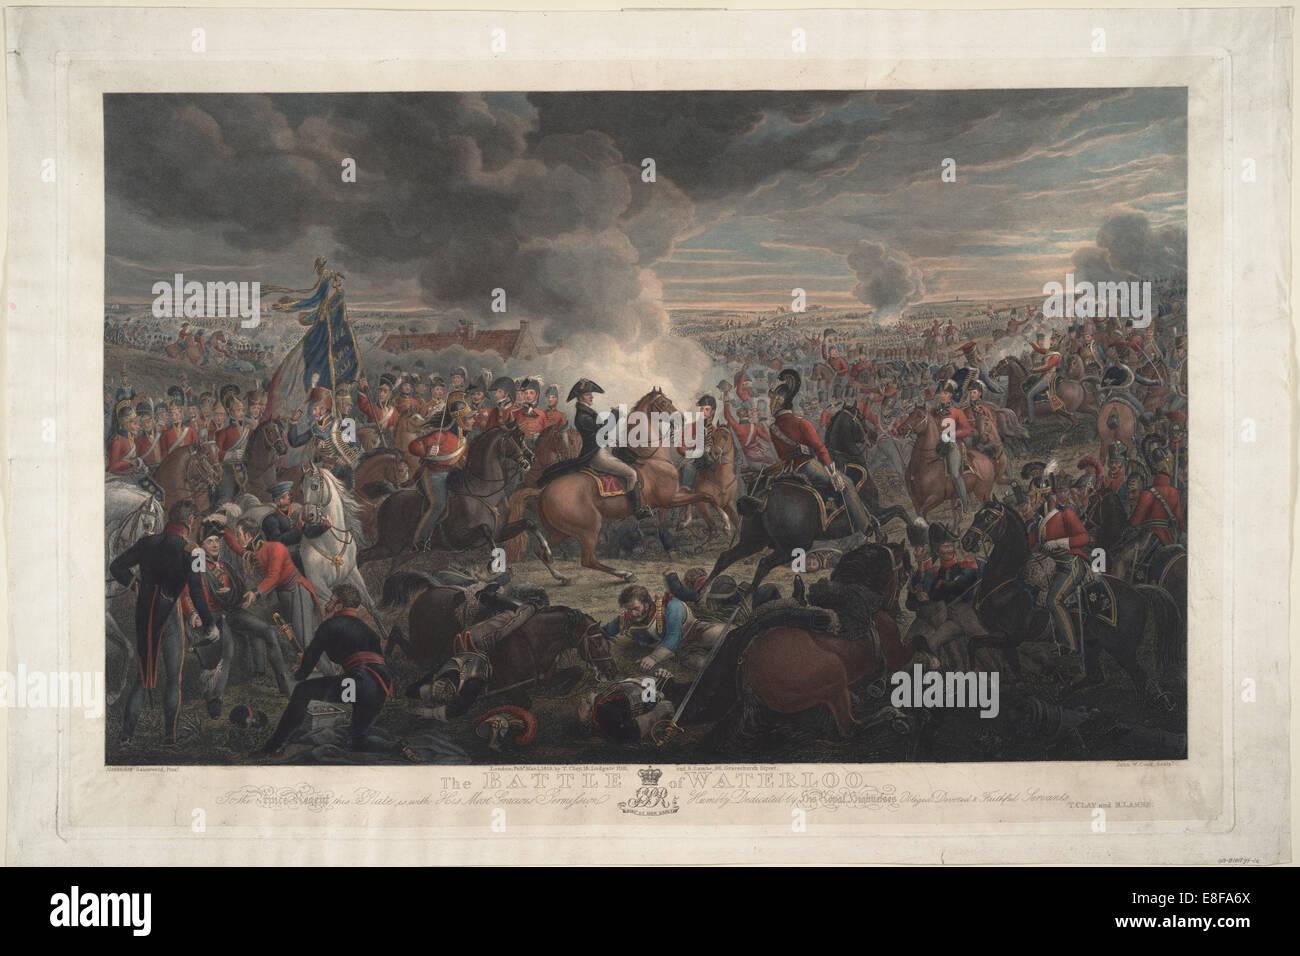 La batalla de Waterloo. Artista: Sauerweid, Alexander Ivanovich (1783-1844) Imagen De Stock